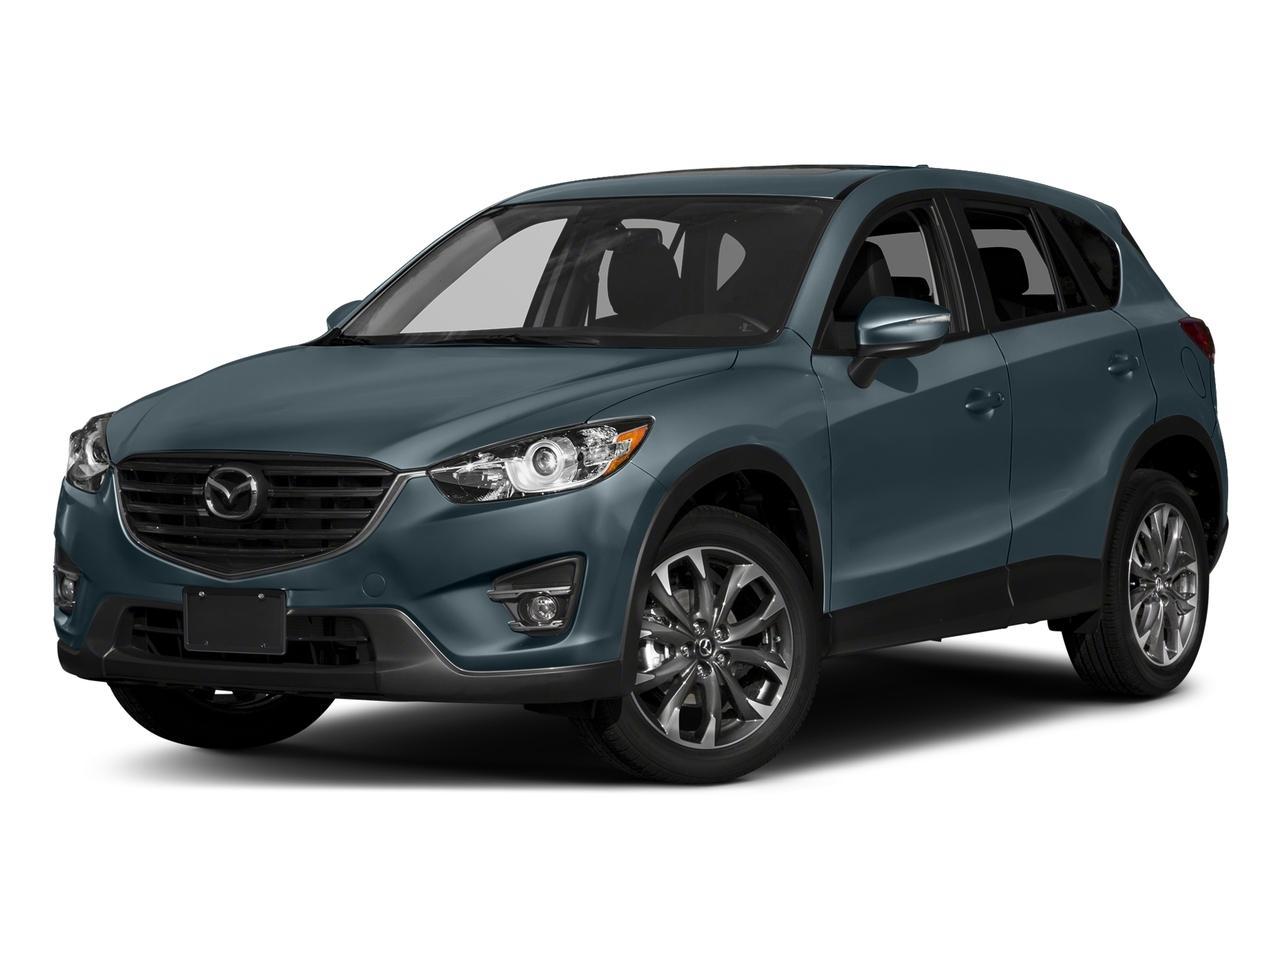 2016 Mazda CX-5 Vehicle Photo in Salem, VA 24153